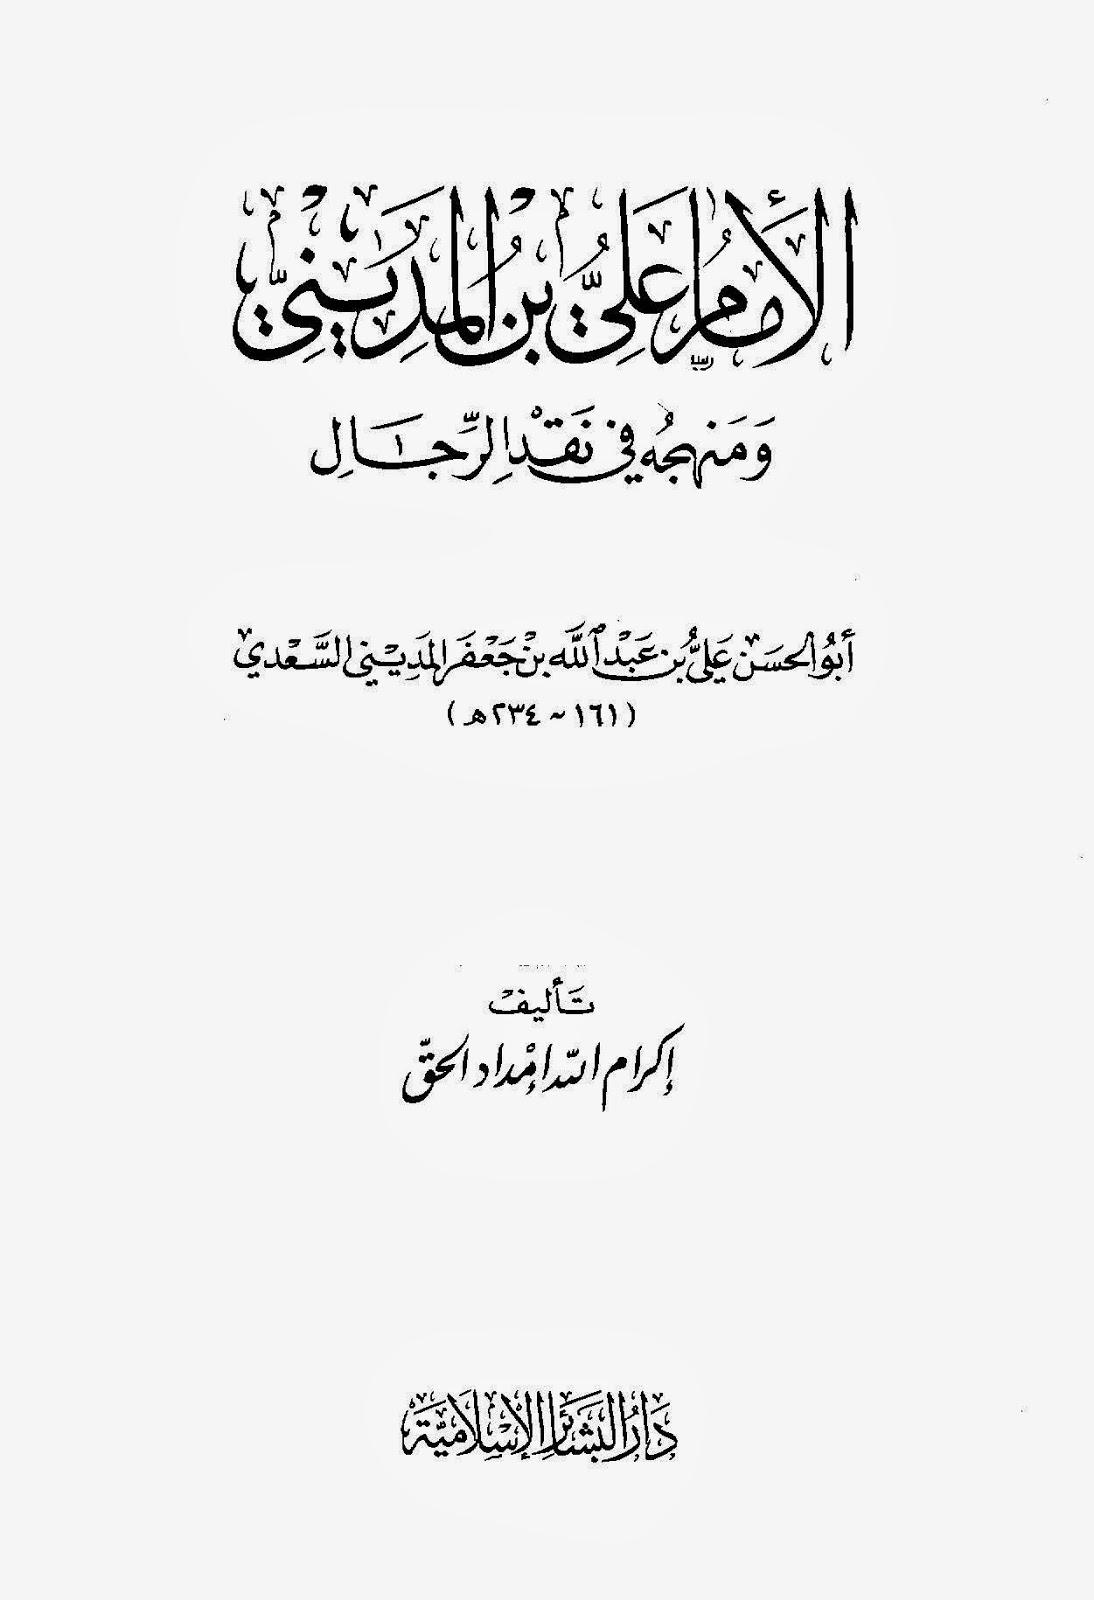 الإمام علي بن المديني ومنهجه في نقد الرجال - إكرام الله امداد الحق